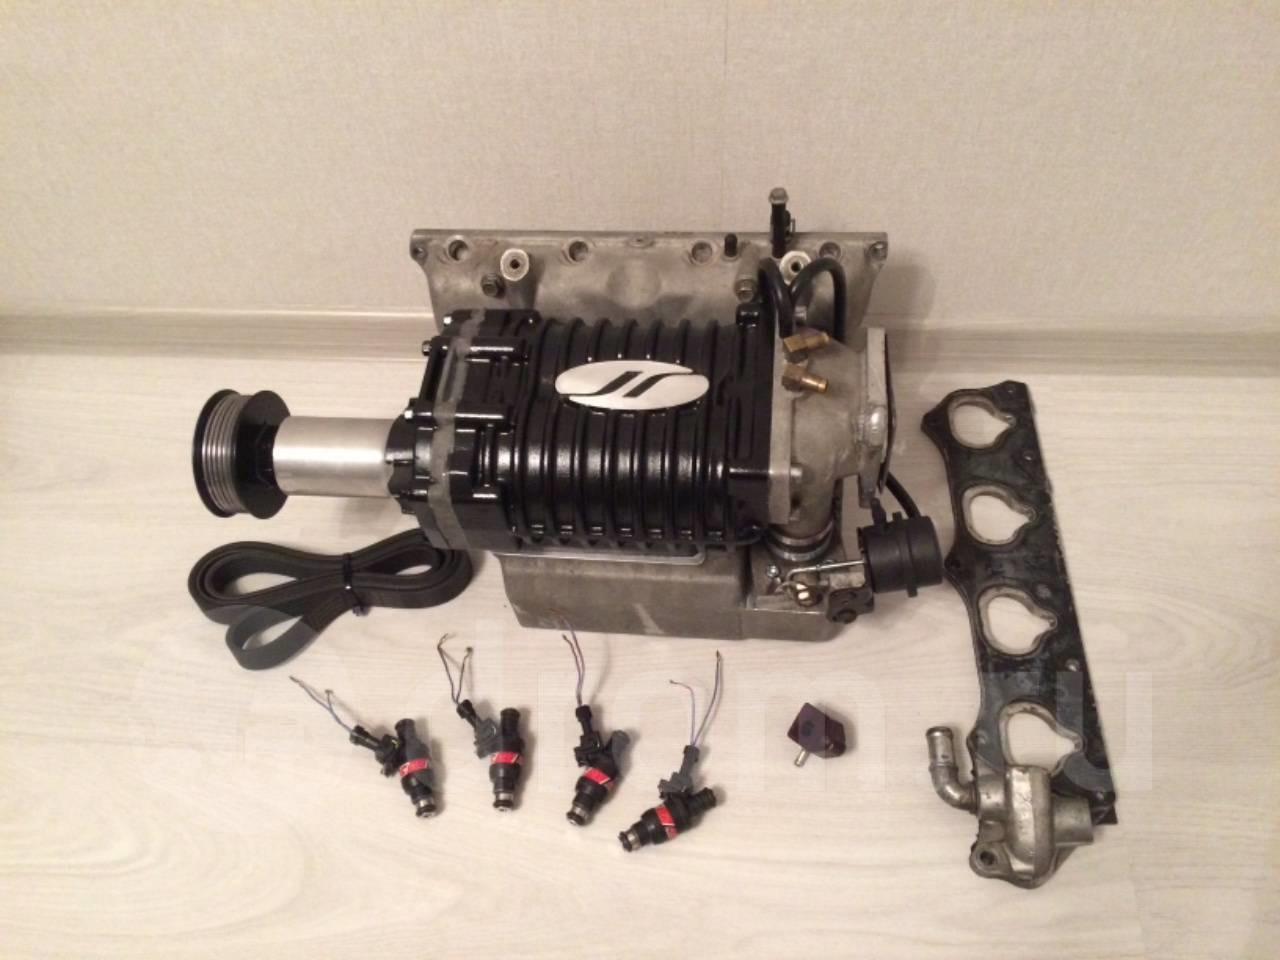 Ищу компрессор Jackson Racing supercharger k24 (комплект